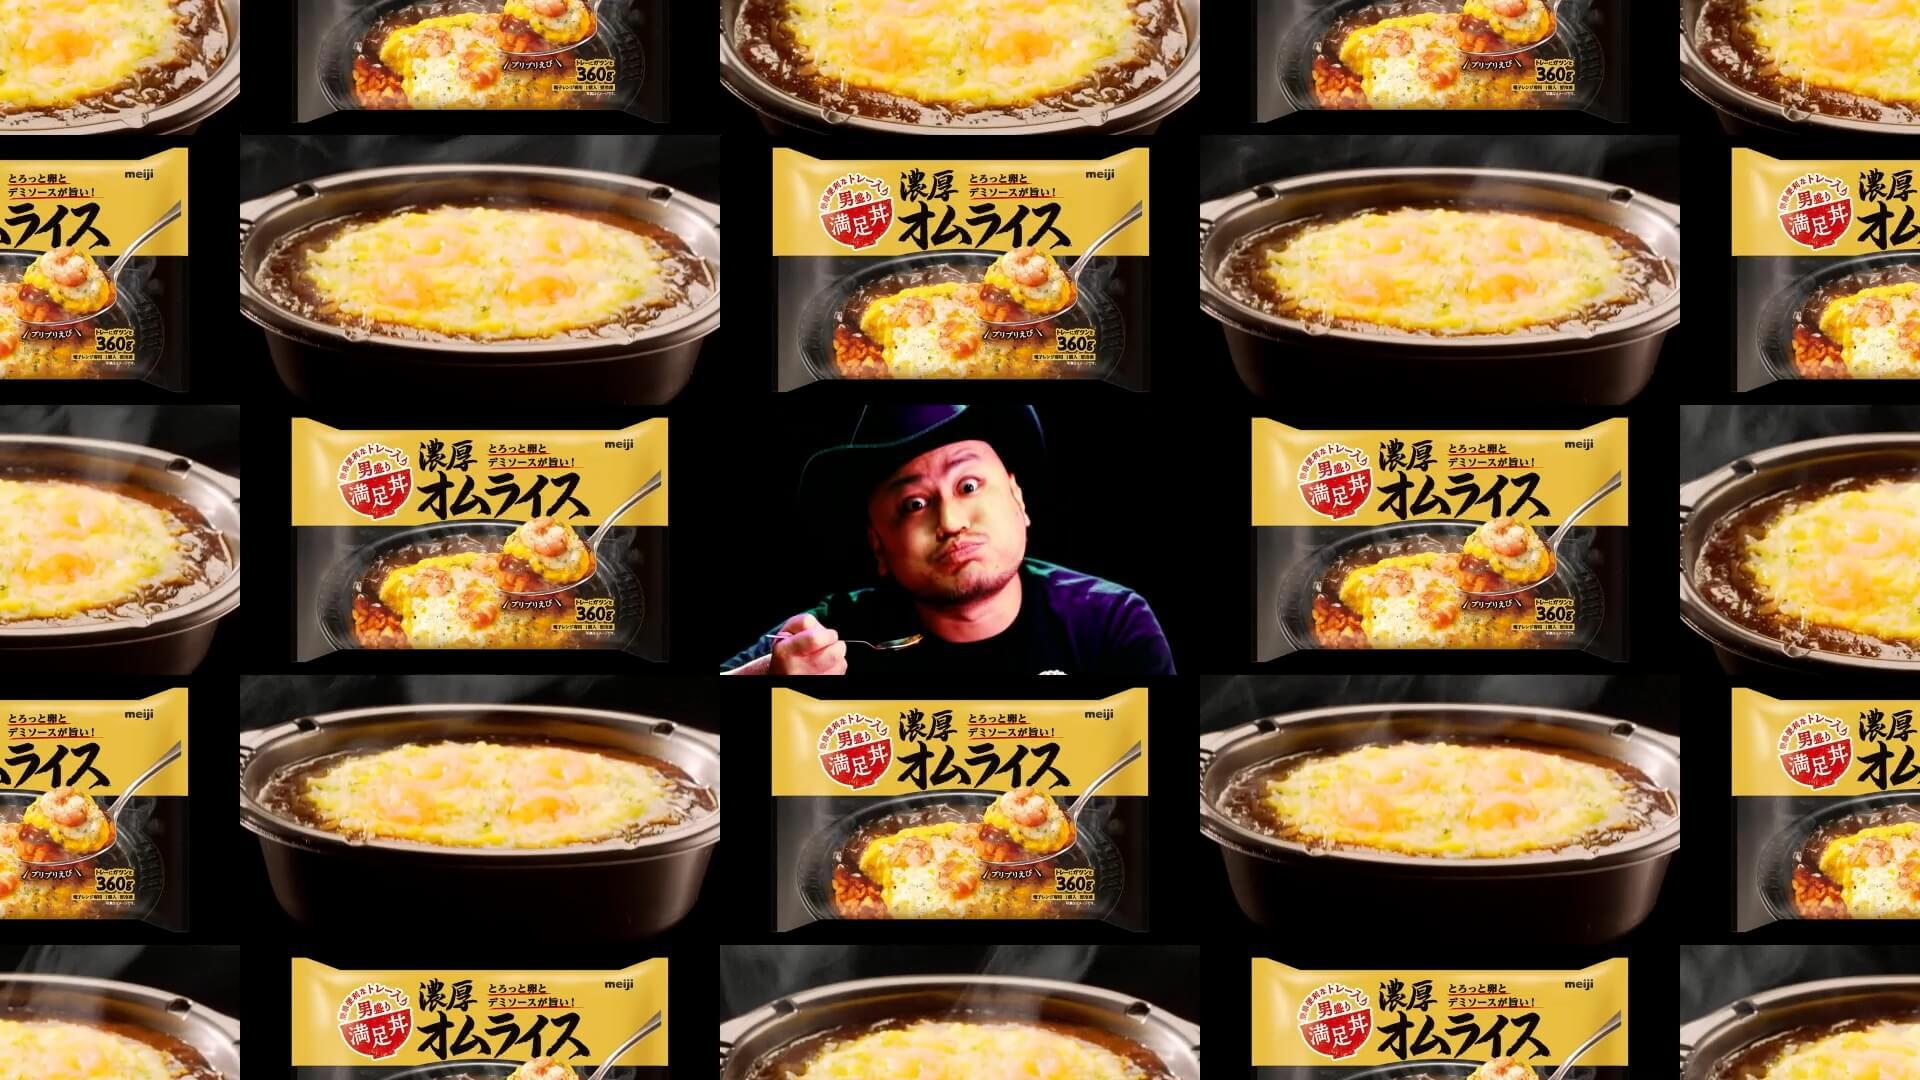 誇張した食レポ、エビのモノマネ…ハリウッドザコシショウの姿に思わず二度見してしまう「満足丼」WEBCM4本が公開 gourmet190917_manzokudon_17